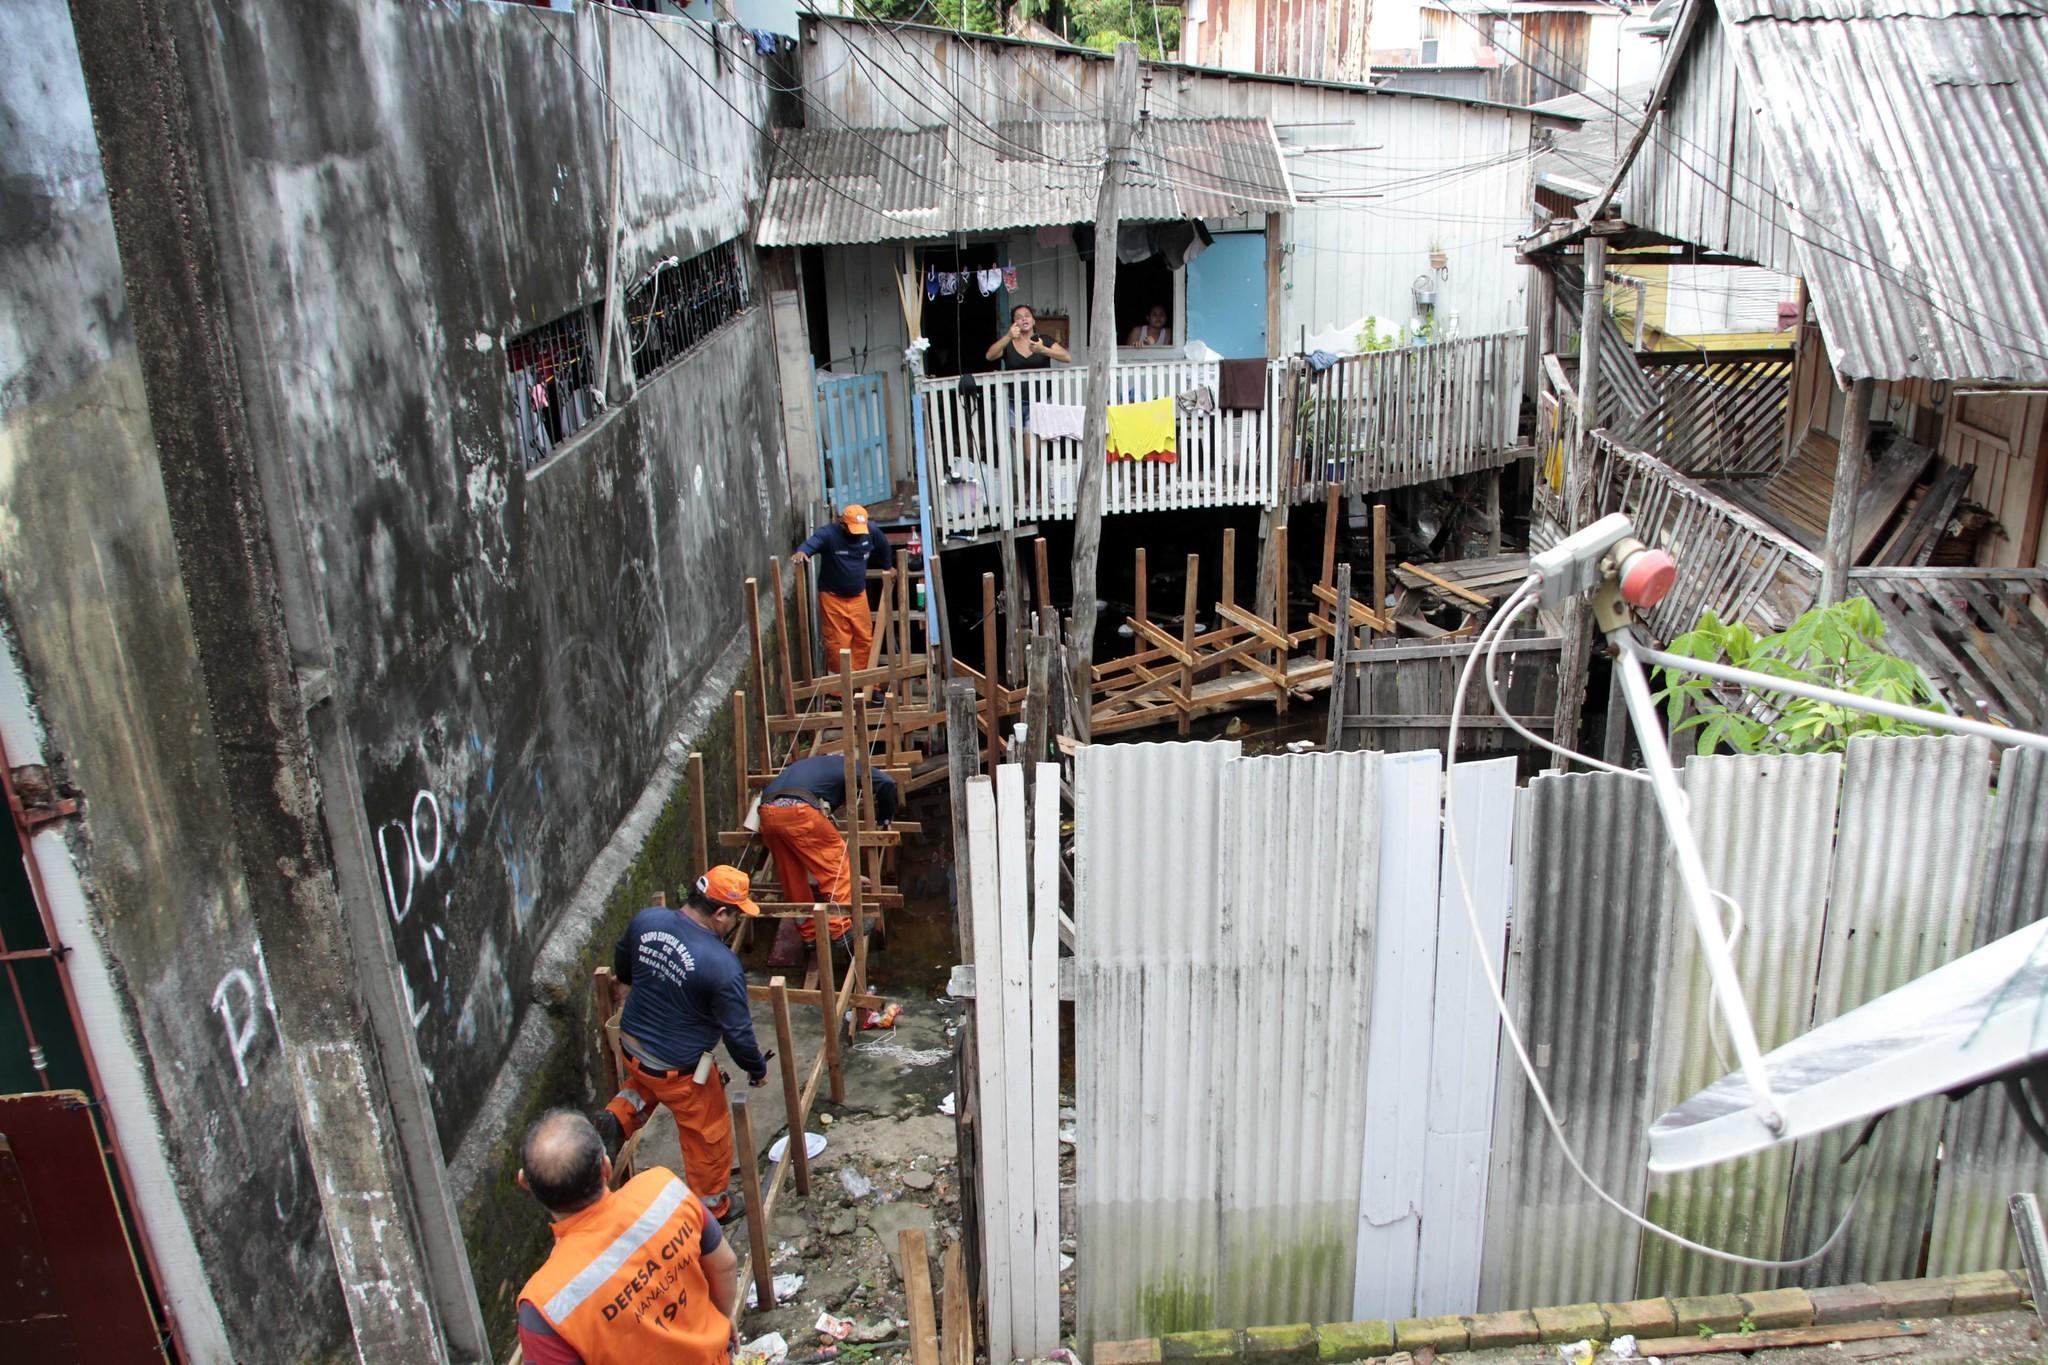 Bairro de Aparecida, Centro de Manaus, recebe pontes para minimizar impactos da cheia 2020